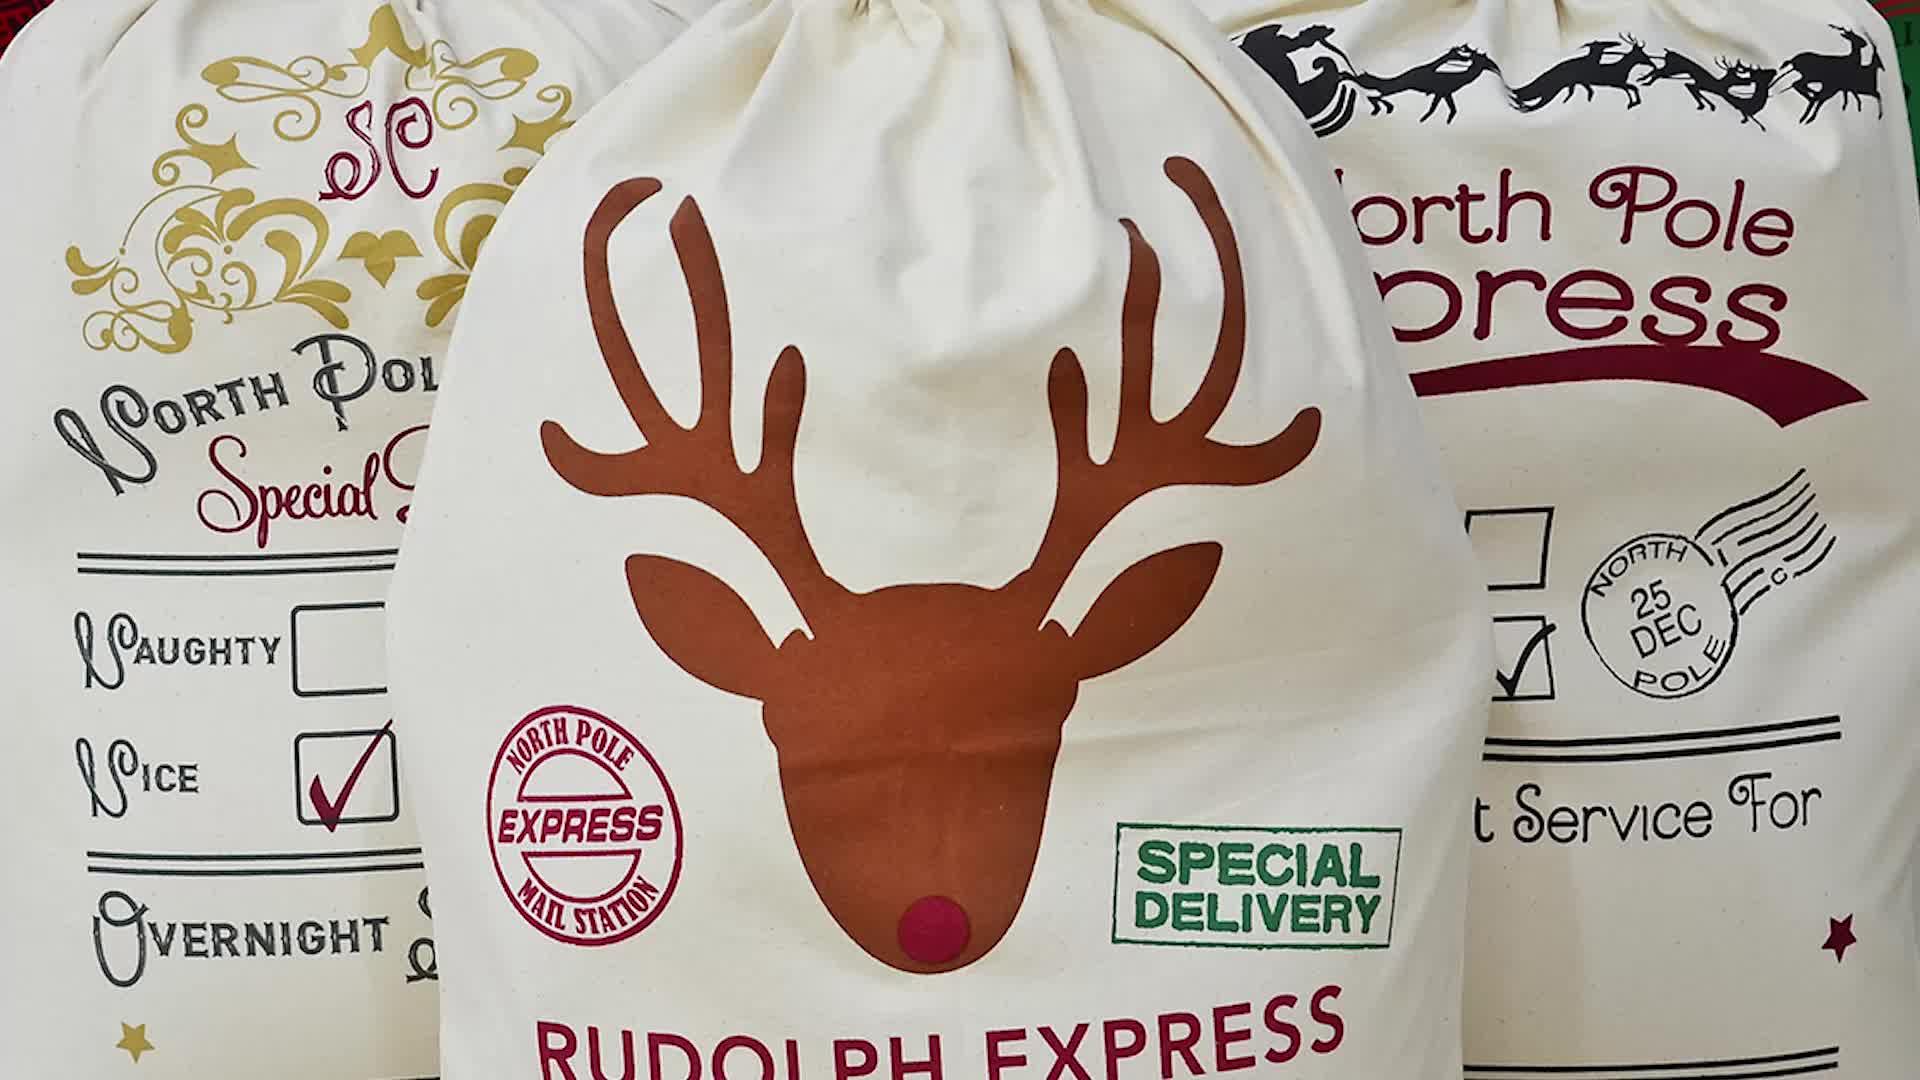 बड़े आकार के लिए उपयुक्त क्रिसमस कपास बैग